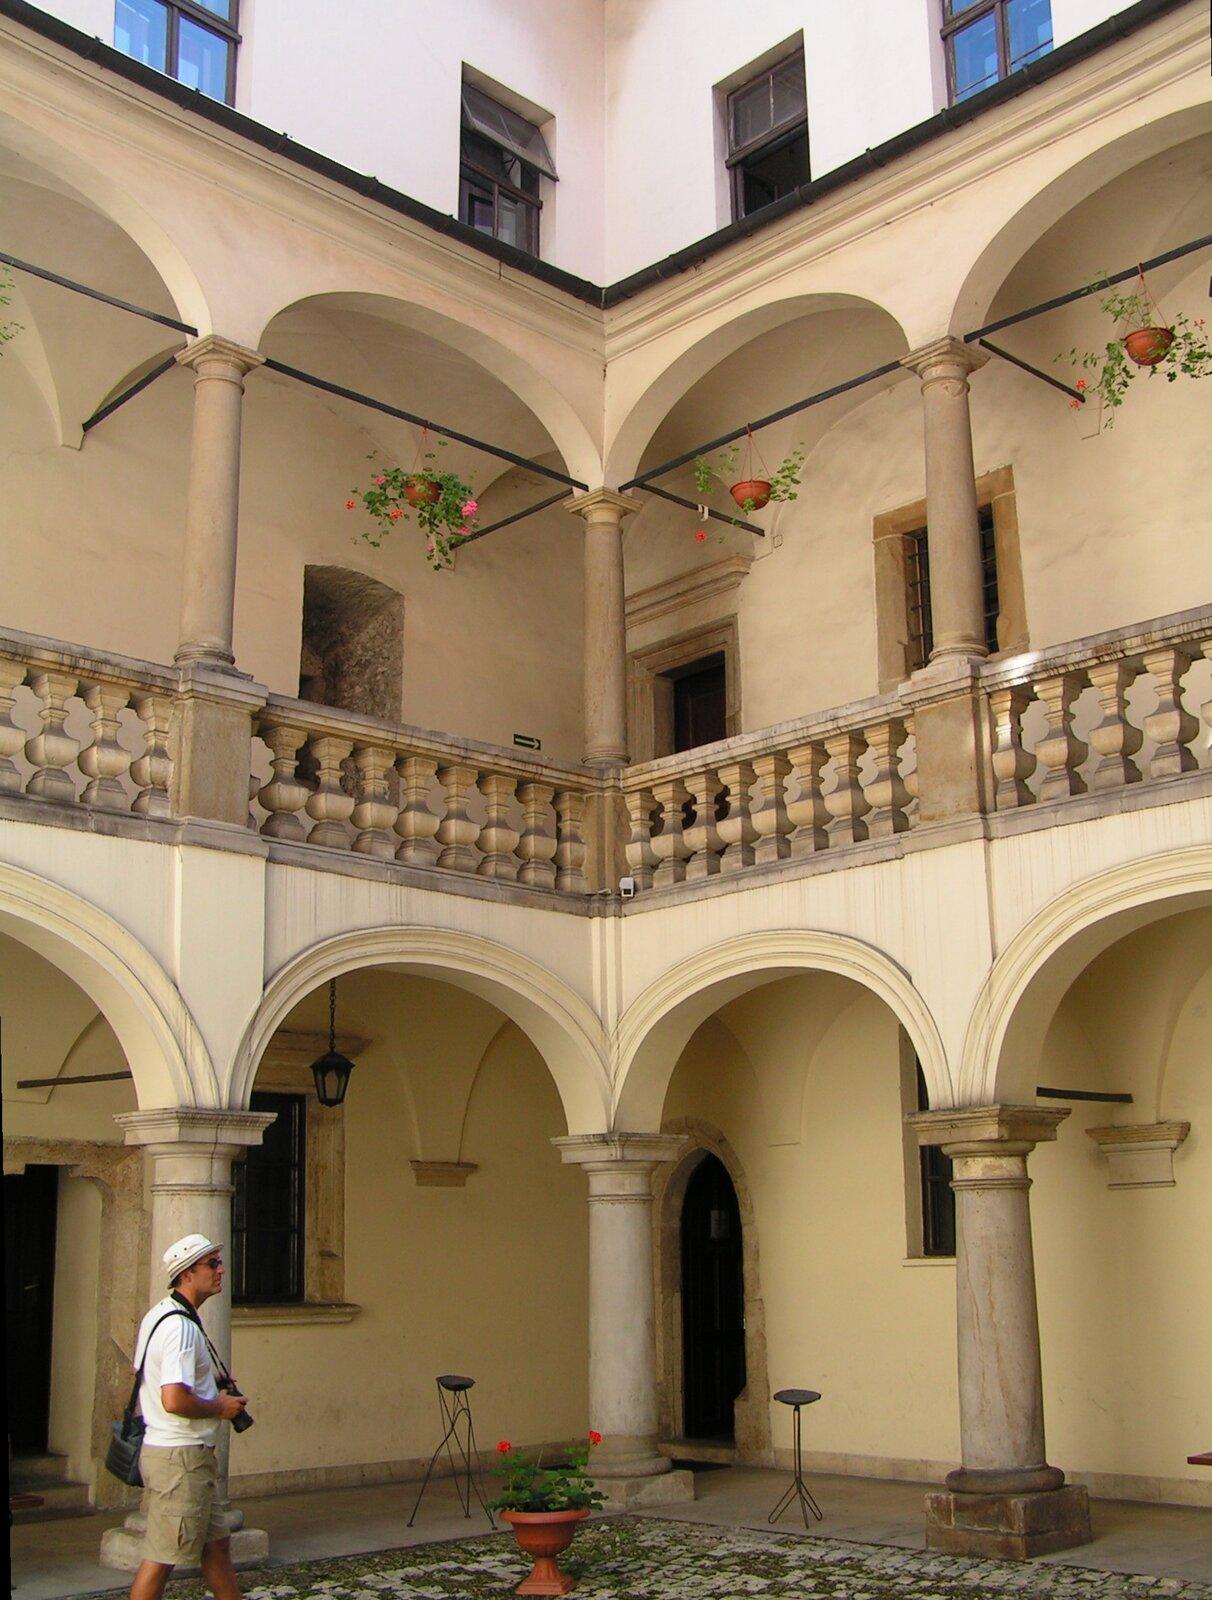 Collegium Juridicum Źródło: Cancre, Collegium Juridicum, 2007, fotografia, licencja: CC BY-SA 3.0.